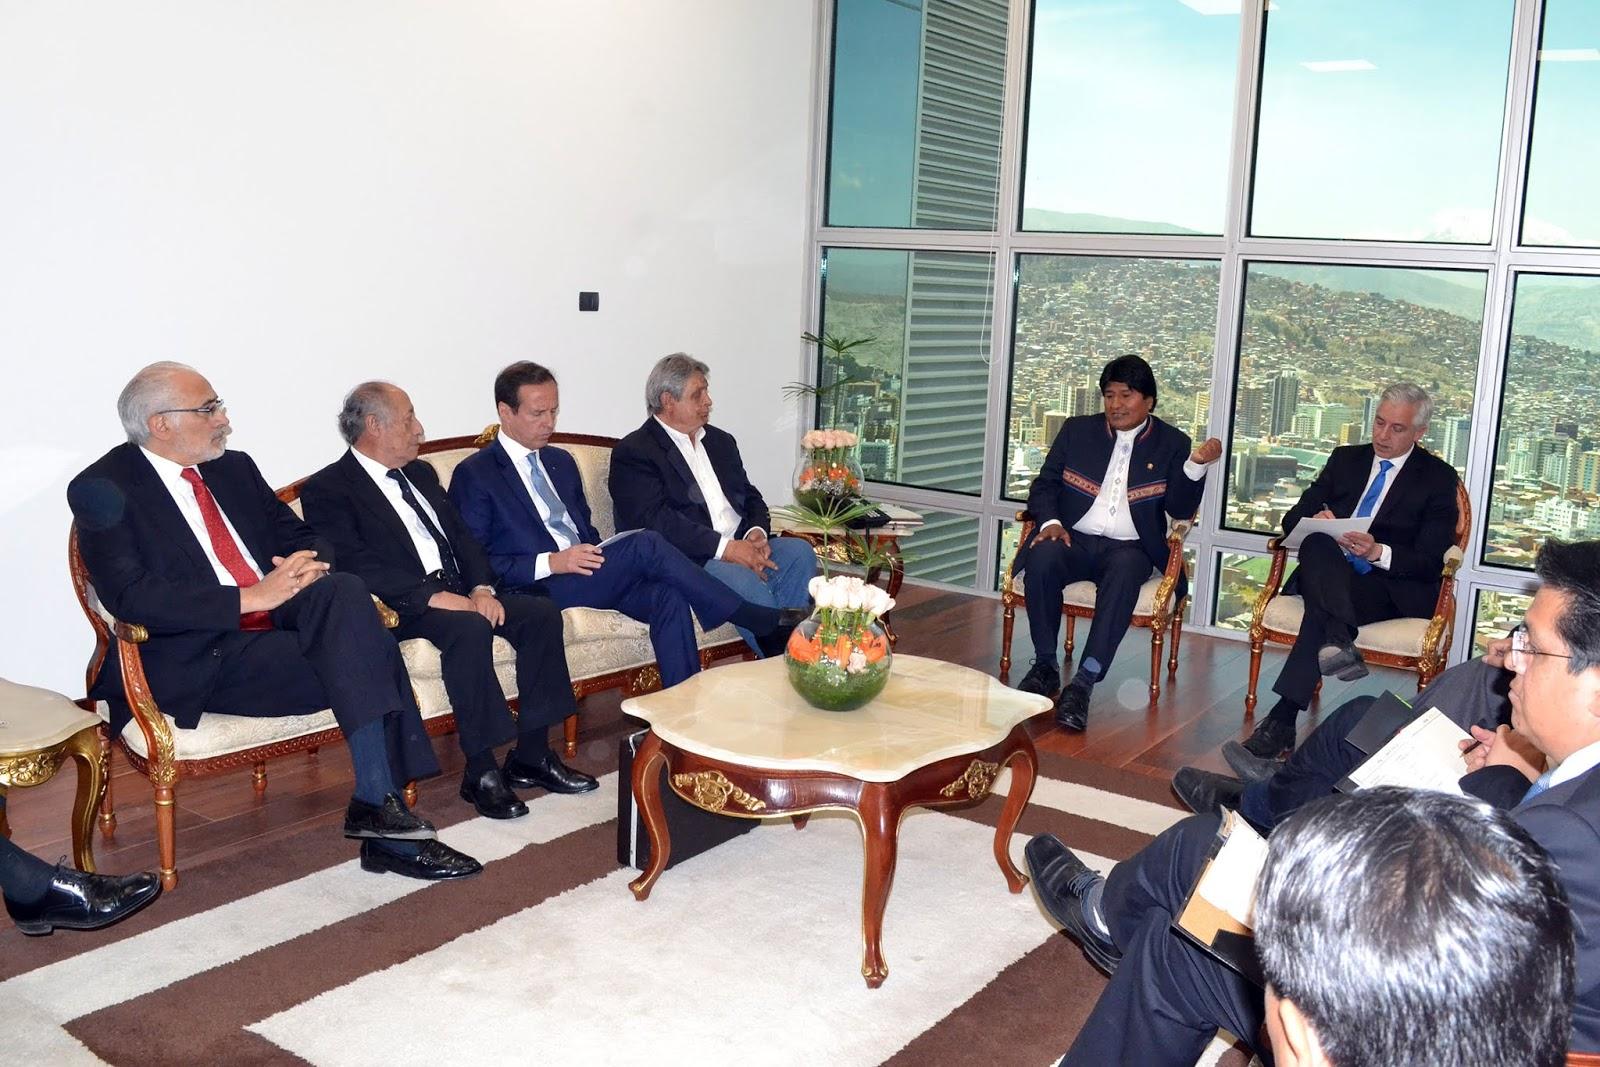 Primera reunión de alto nivel en el nuevo edificio del Ejecutivo en plaza Murillo / ABI